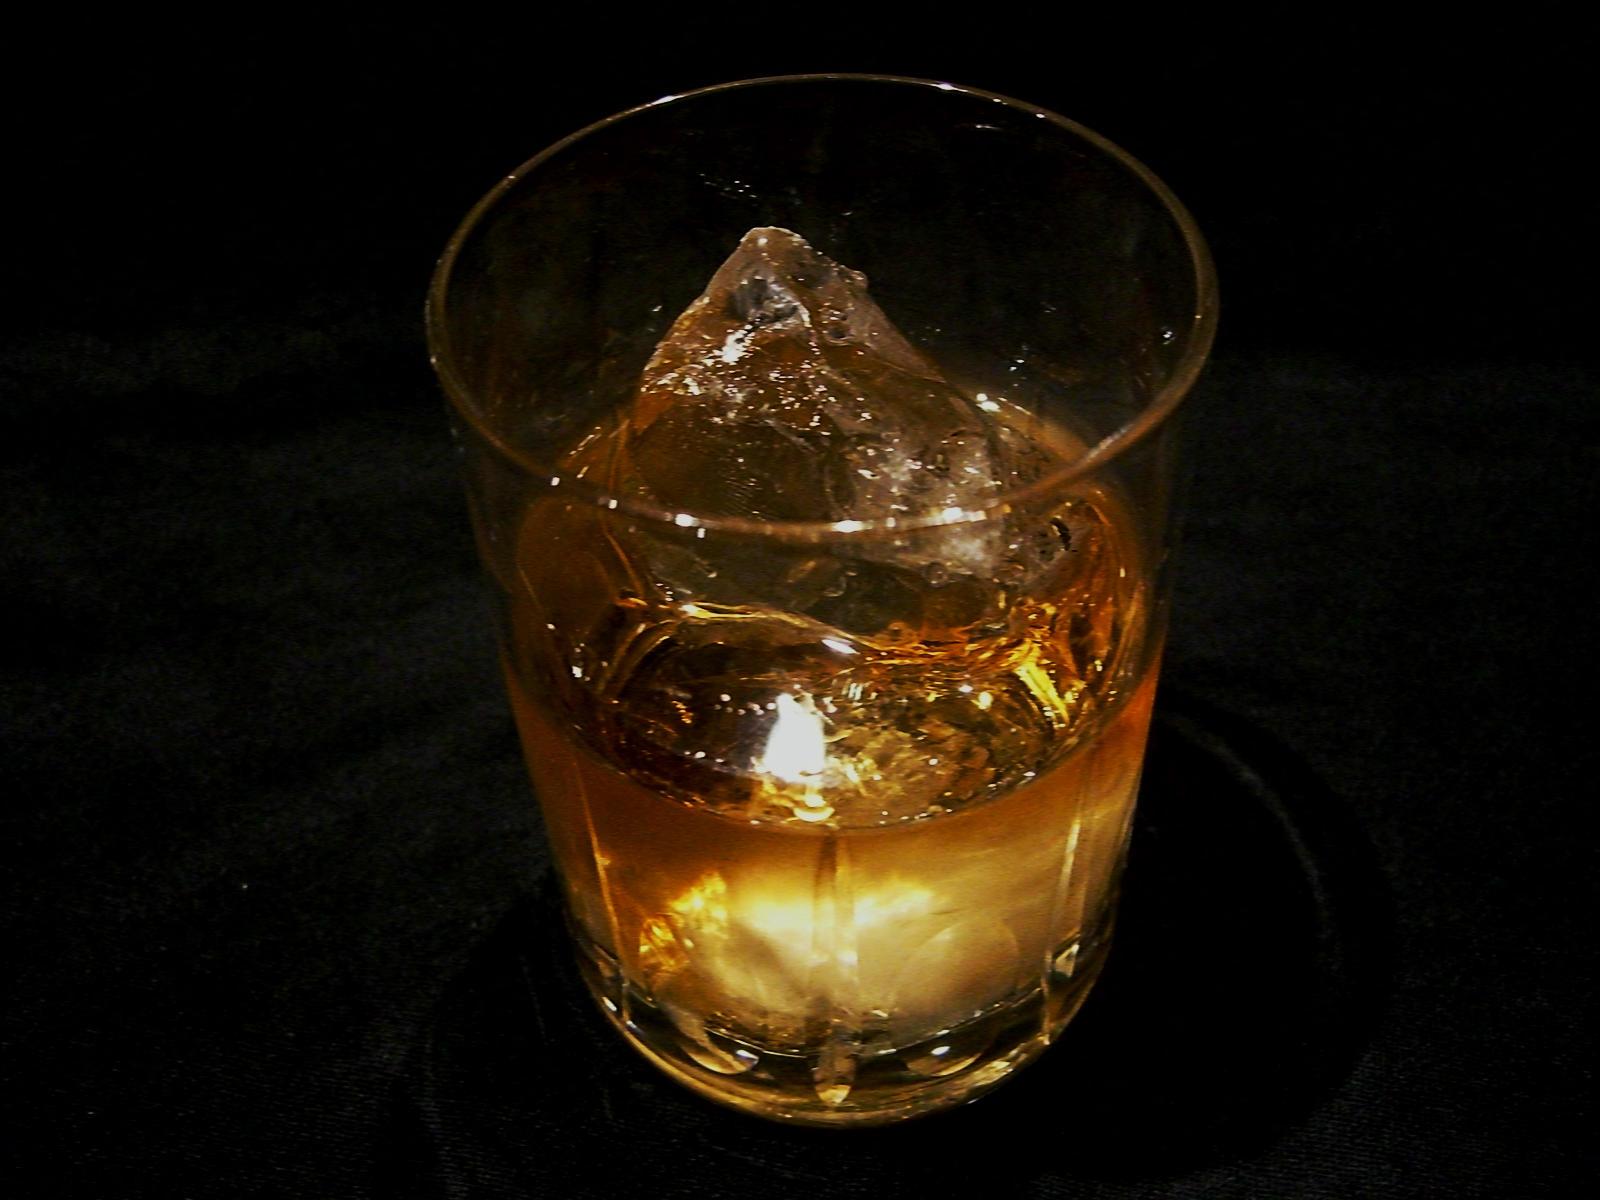 琥珀色の酒をカクテルで楽しもう。十色のウィスキーカクテルのサムネイル画像